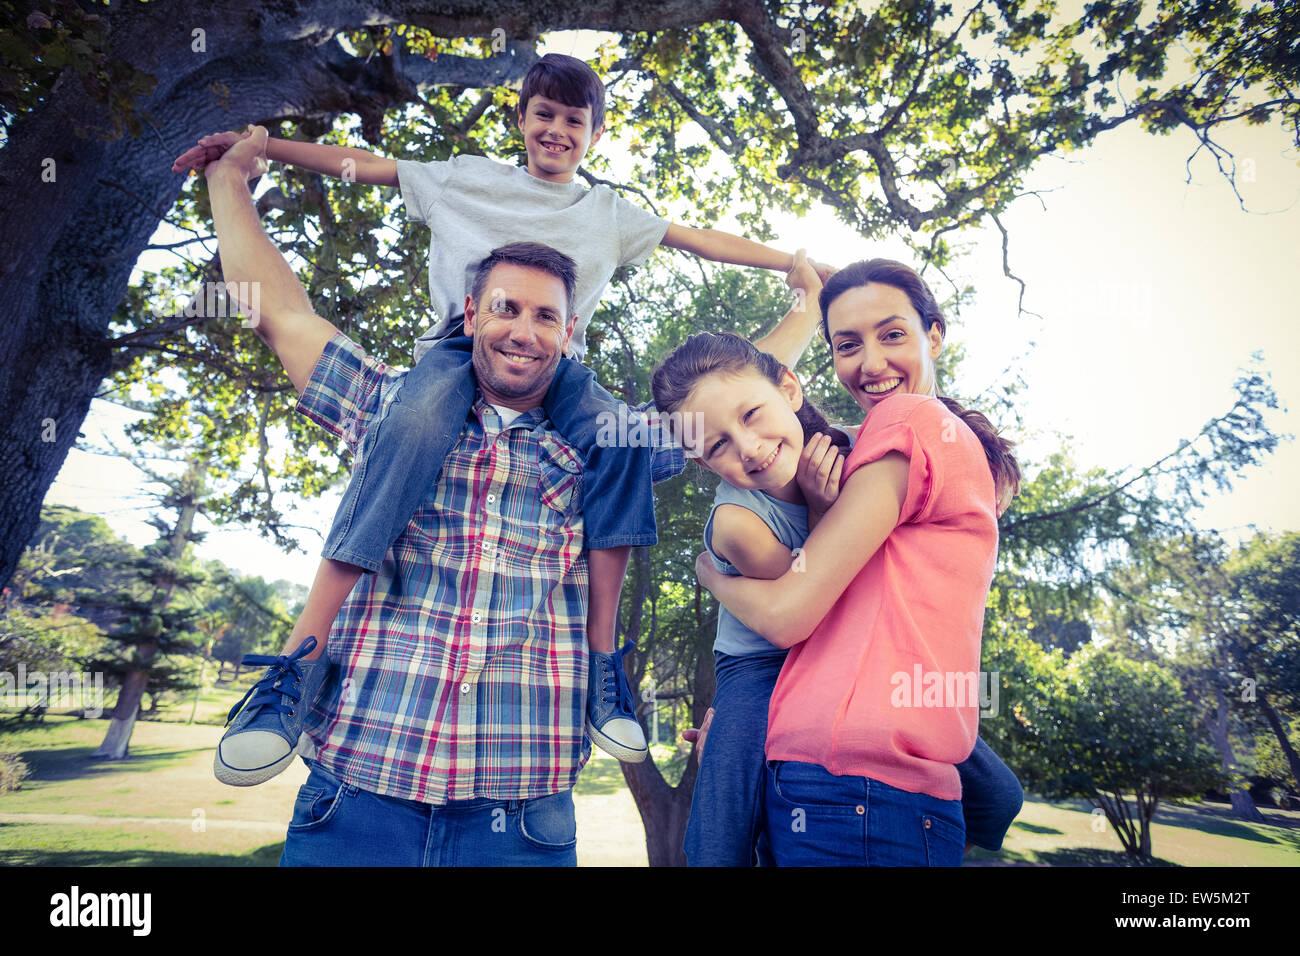 Famille heureuse dans l'ensemble du parc Photo Stock